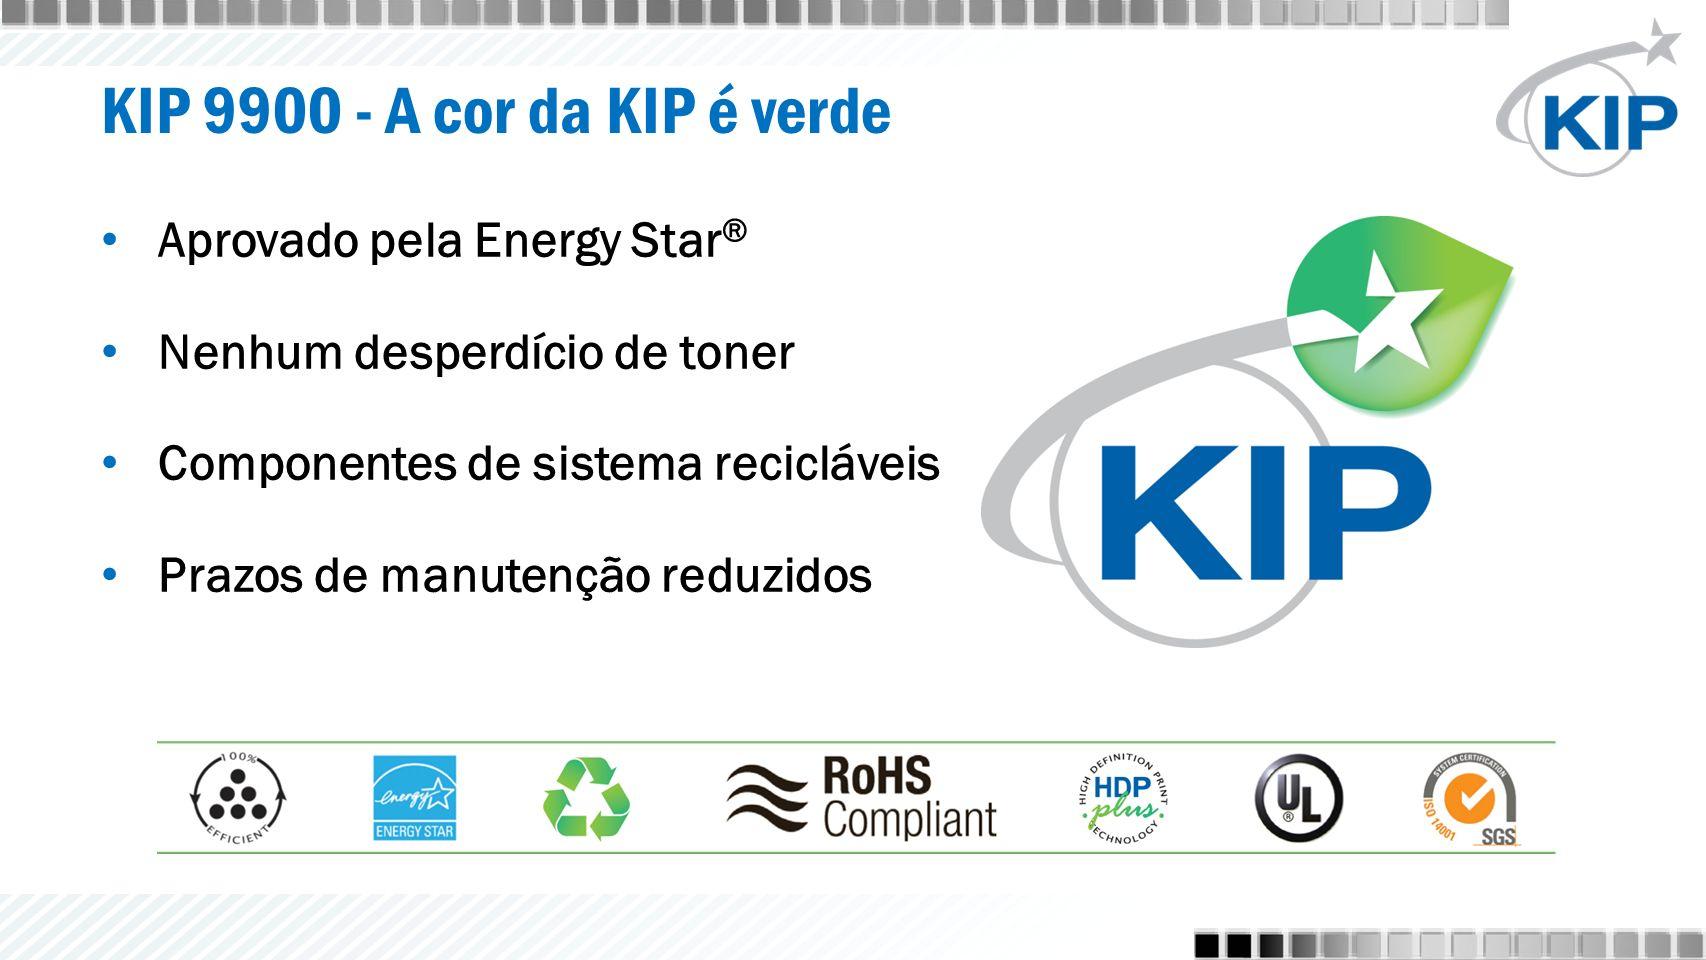 KIP 9900 - A cor da KIP é verde Aprovado pela Energy Star ® Nenhum desperdício de toner Componentes de sistema recicláveis Prazos de manutenção reduzidos